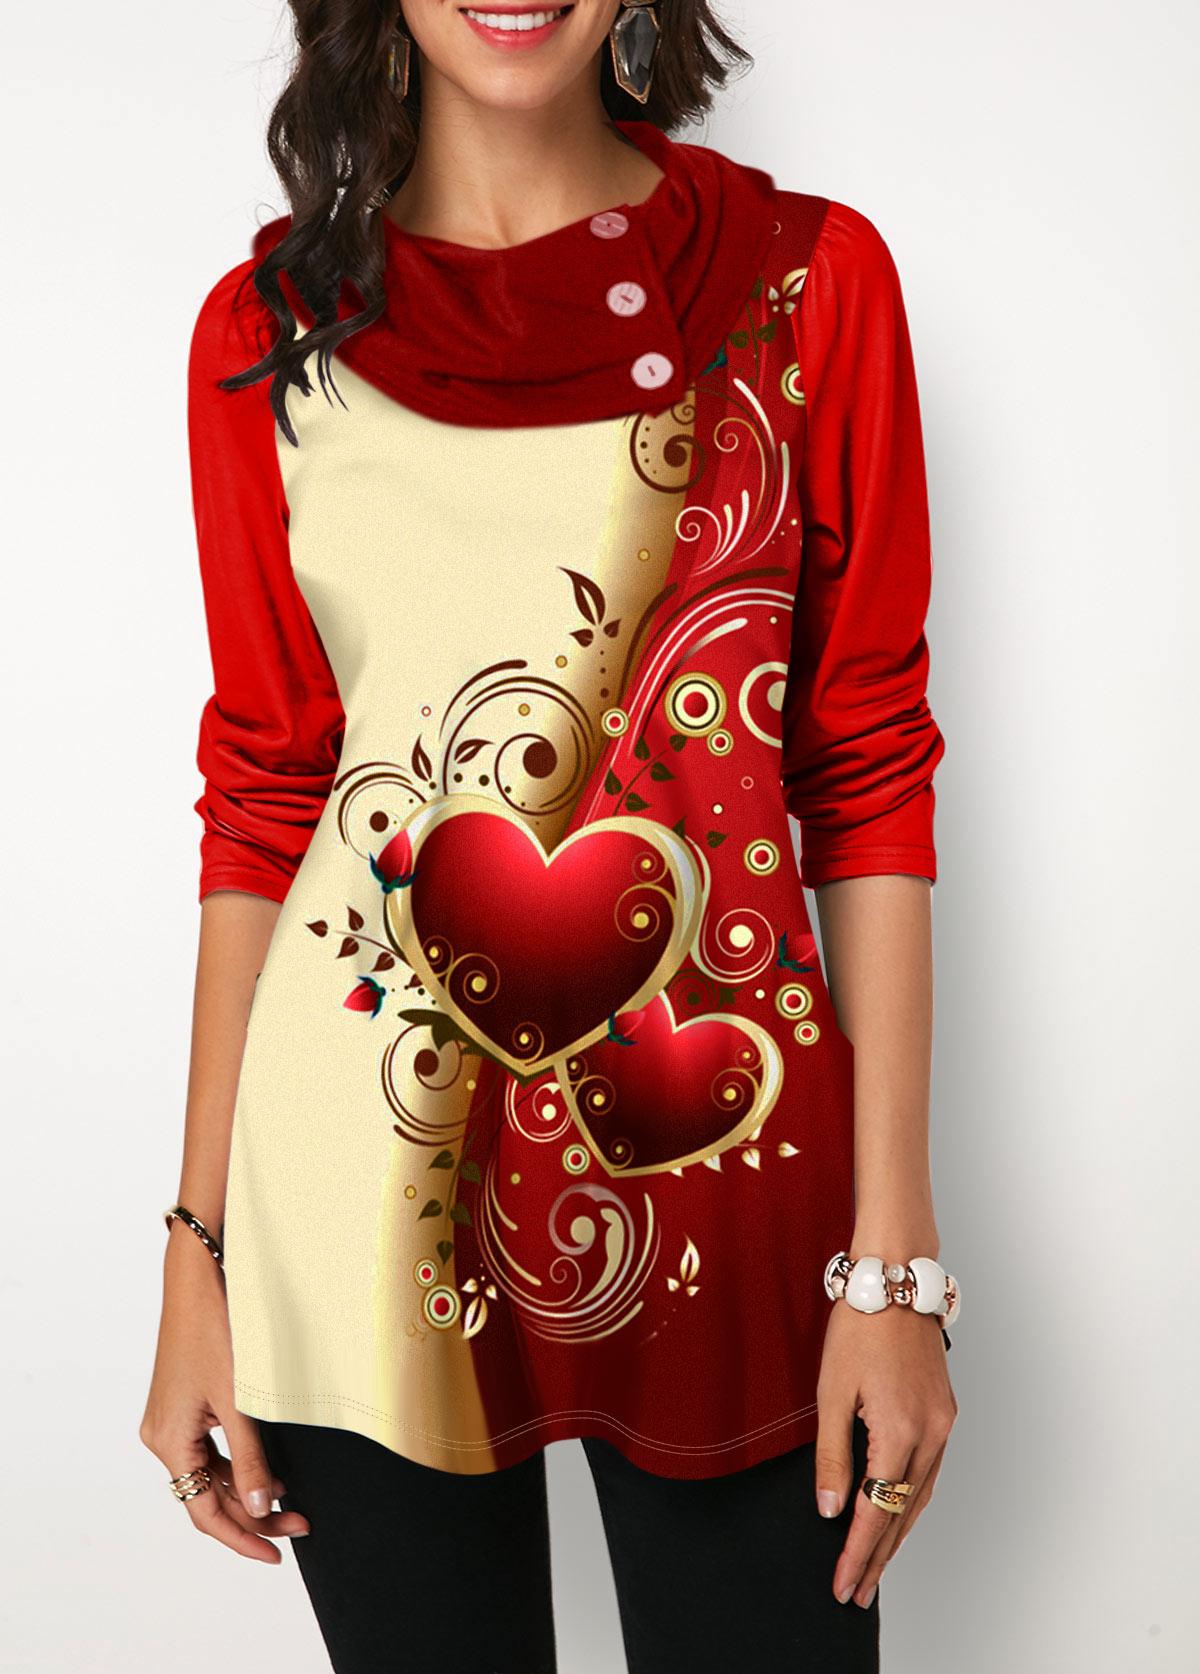 Heart Print Contrast Panel Button Detail T Shirt